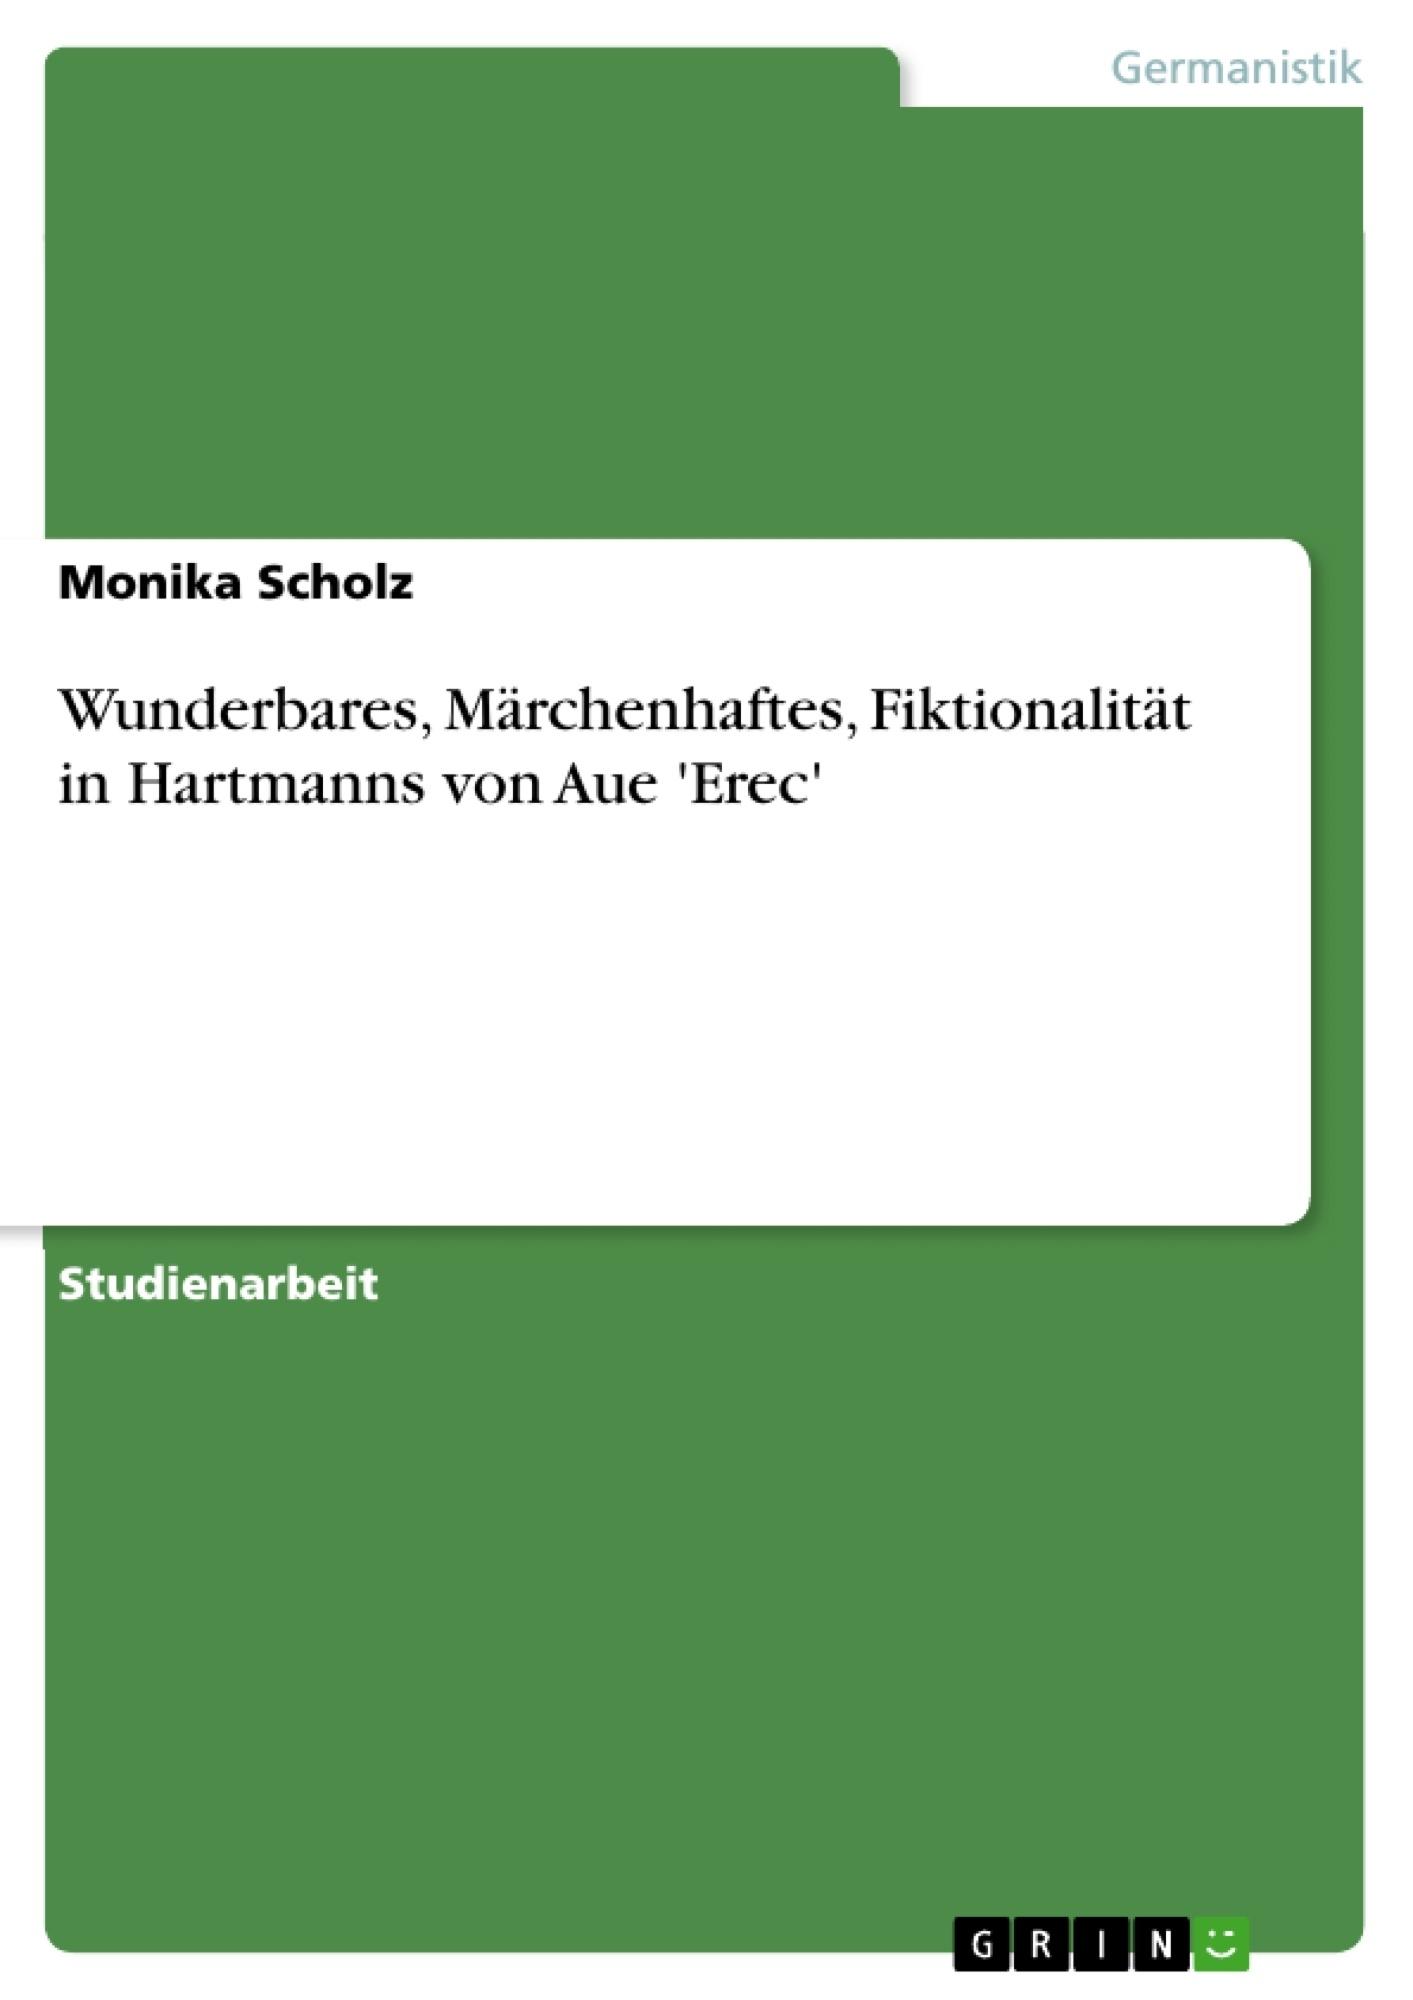 Titel: Wunderbares, Märchenhaftes, Fiktionalität in Hartmanns von Aue 'Erec'